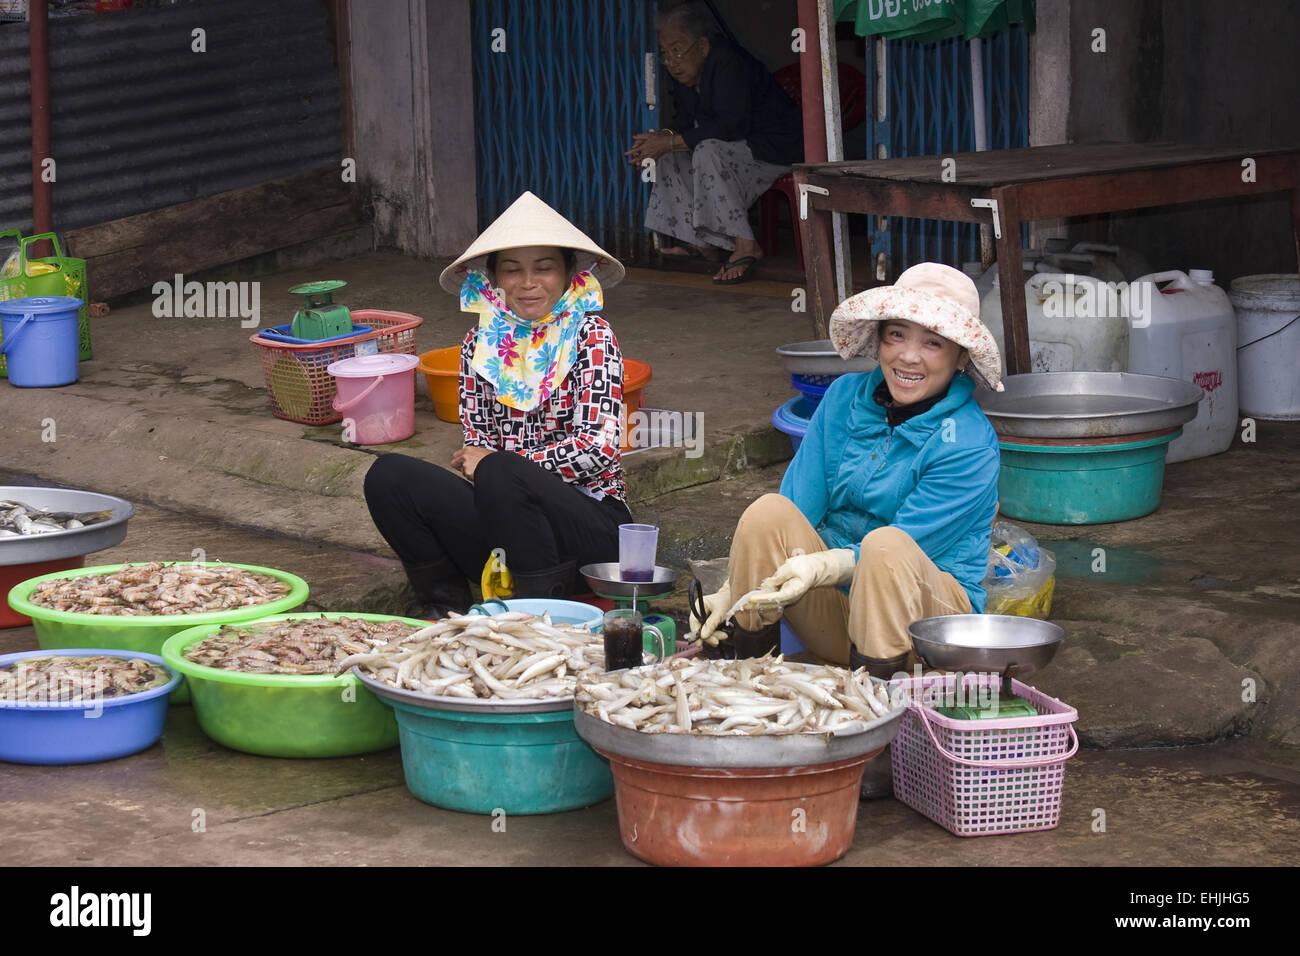 Market-scene,fish,vendors,Phu,Quoc,Vietnam,Asia - Stock Image